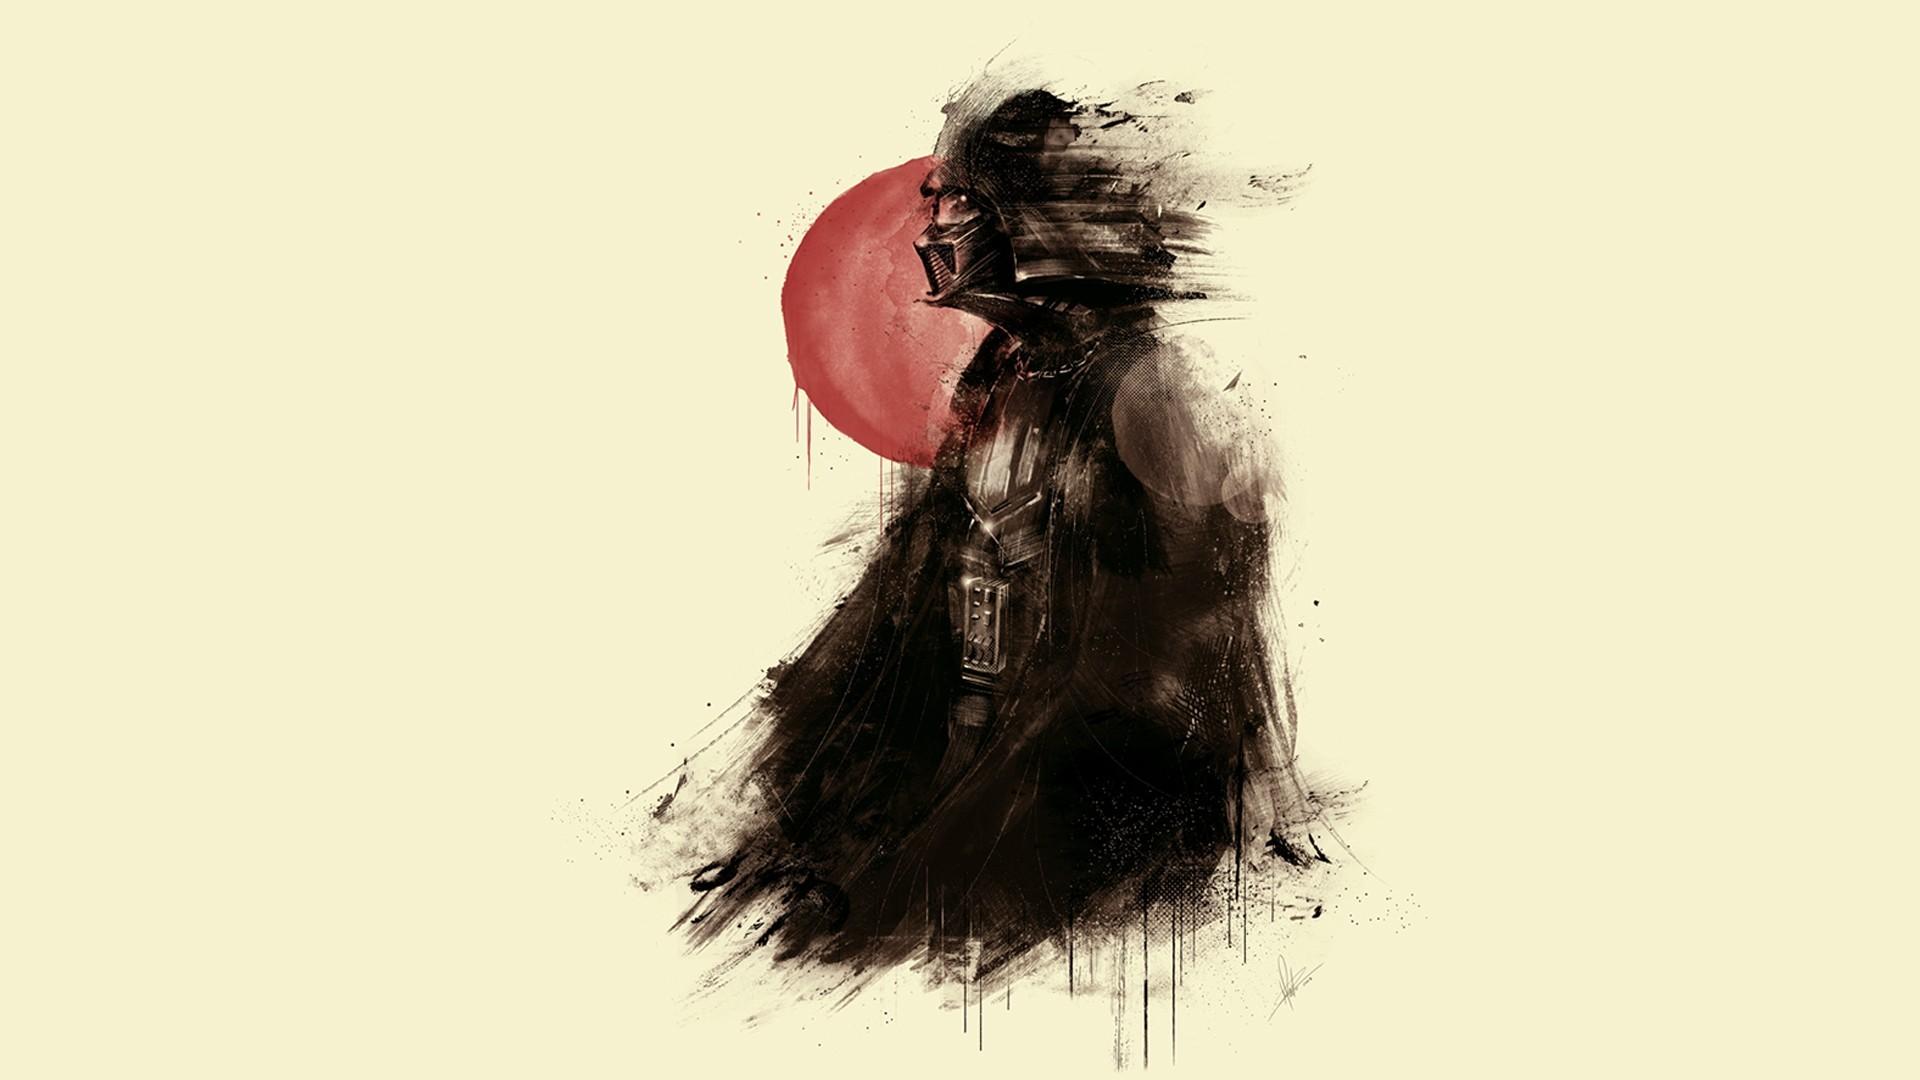 Fond Décran Dessin La Peinture Noir Illustration